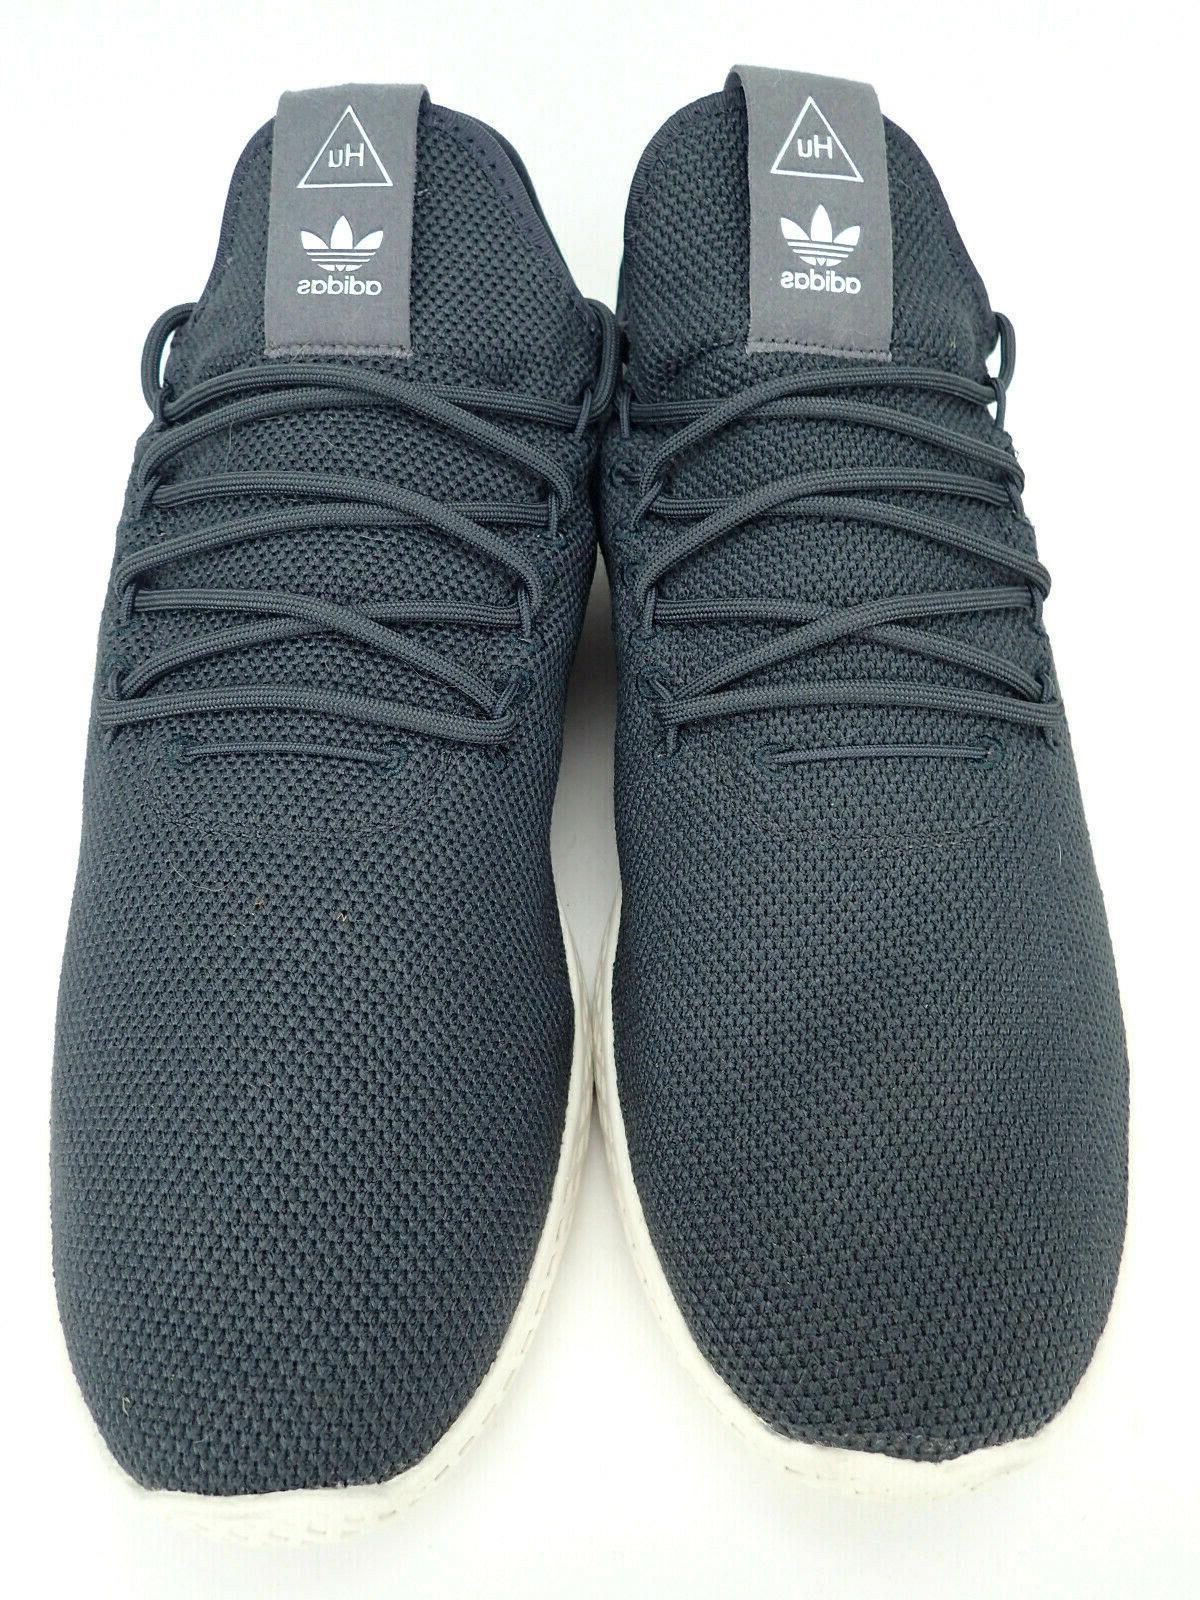 Adidas Originals Men's 13 Tennis CQ2162 Casual Shoes